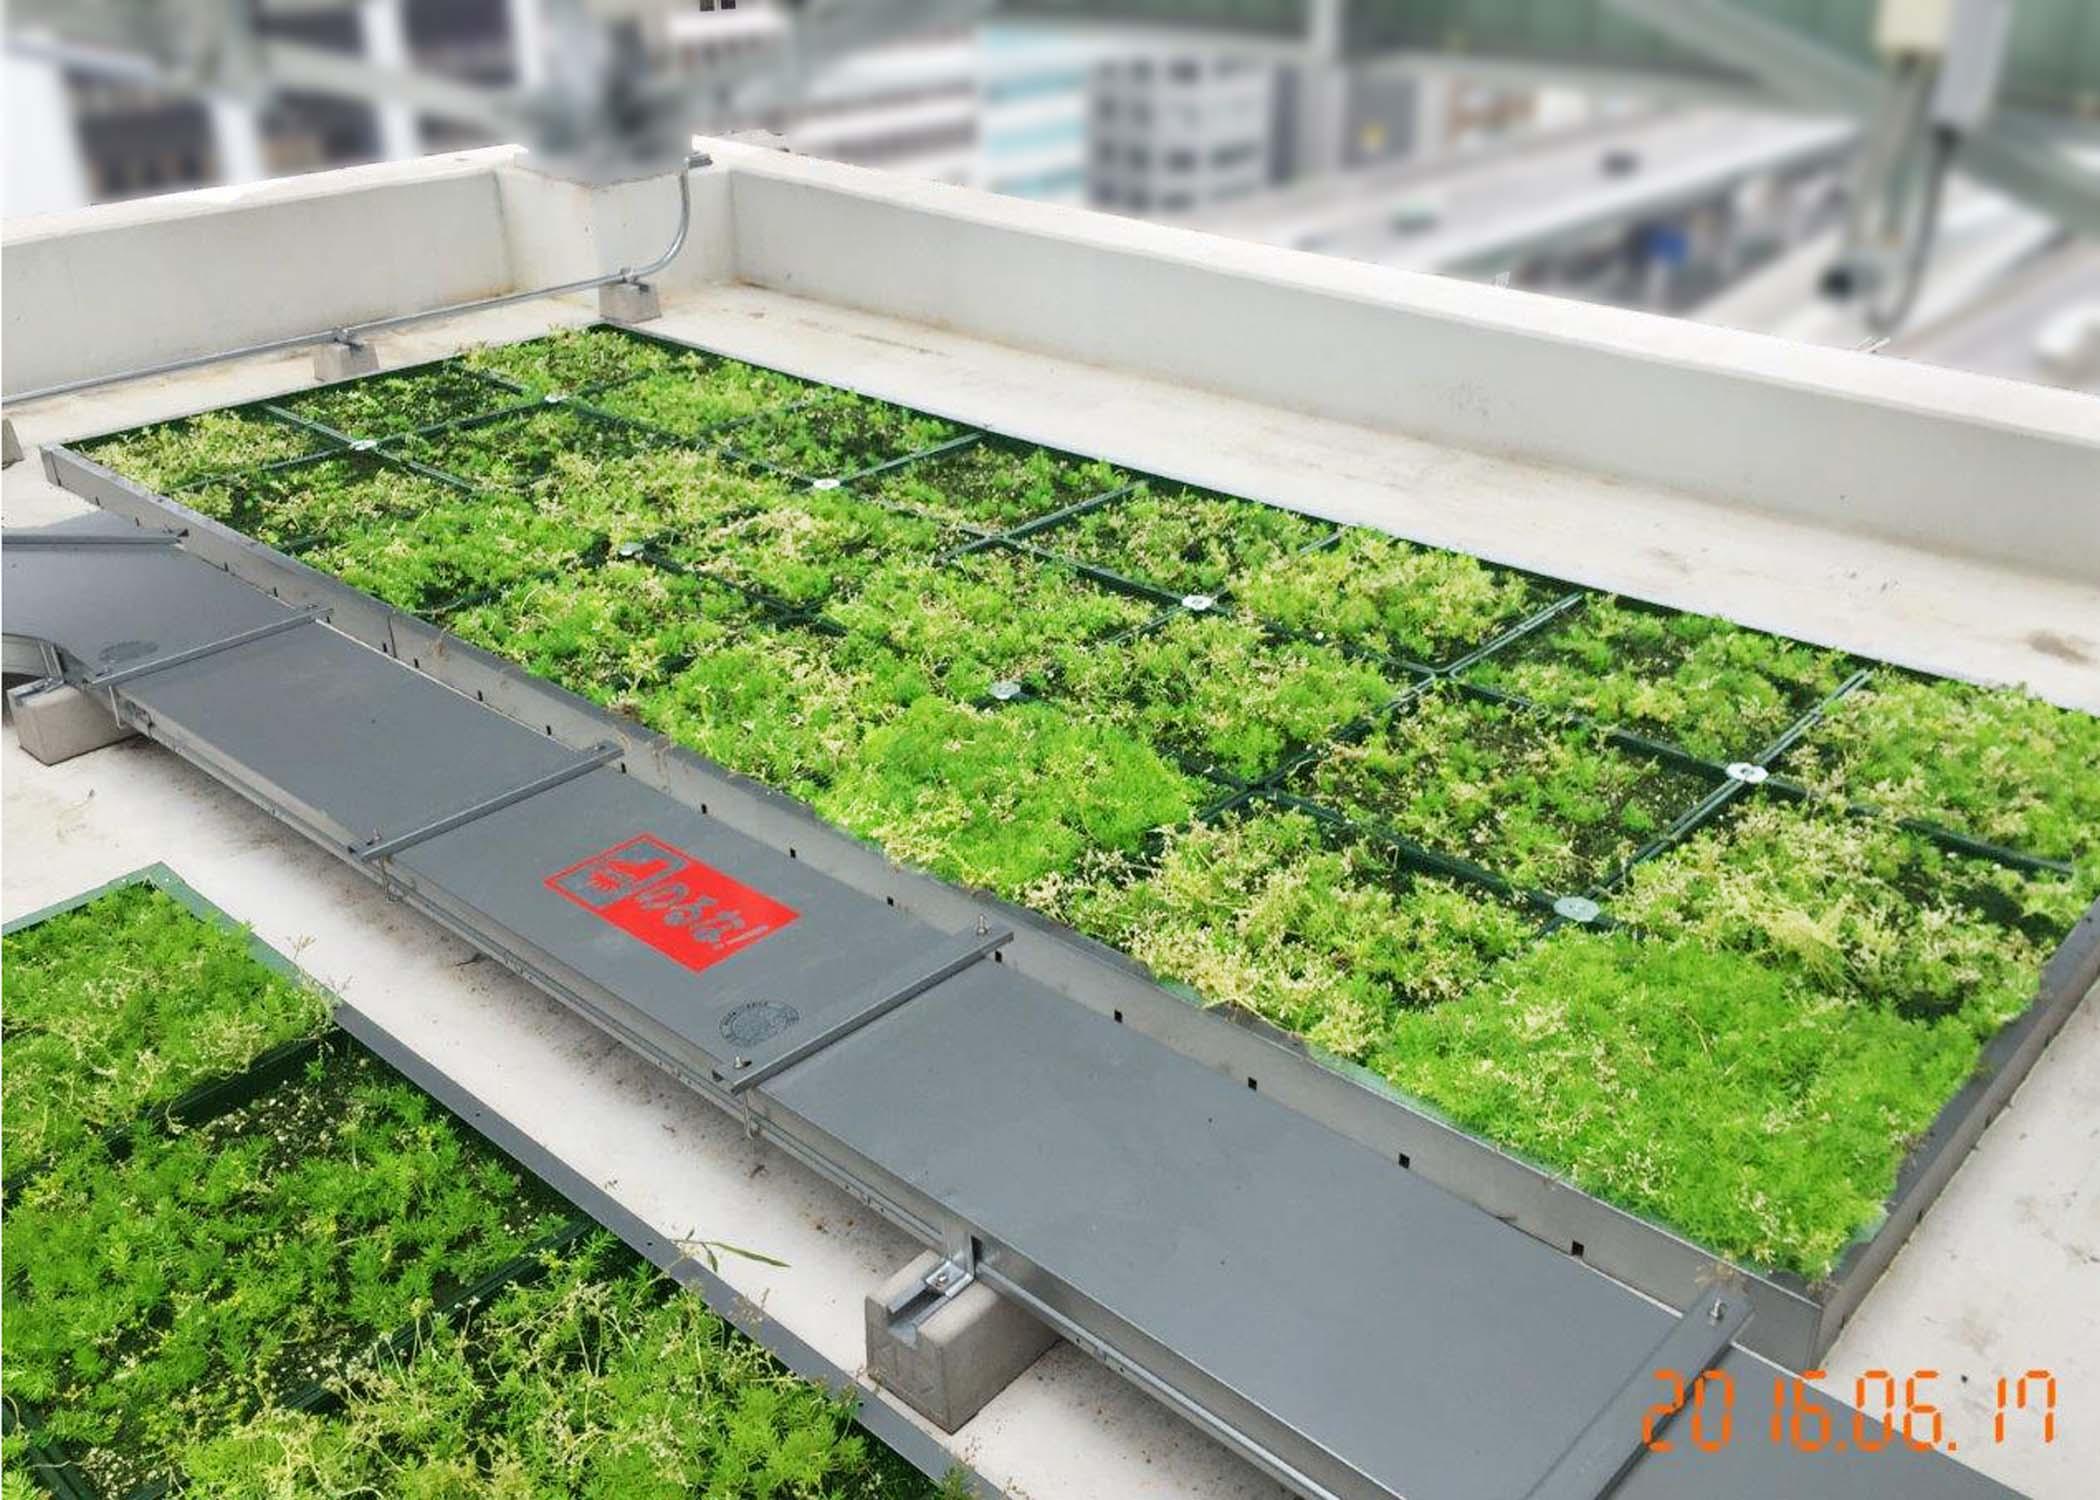 屋上緑化を行うことでヒートアイランド現象を緩和するなどの地球環境保護に貢献しています。